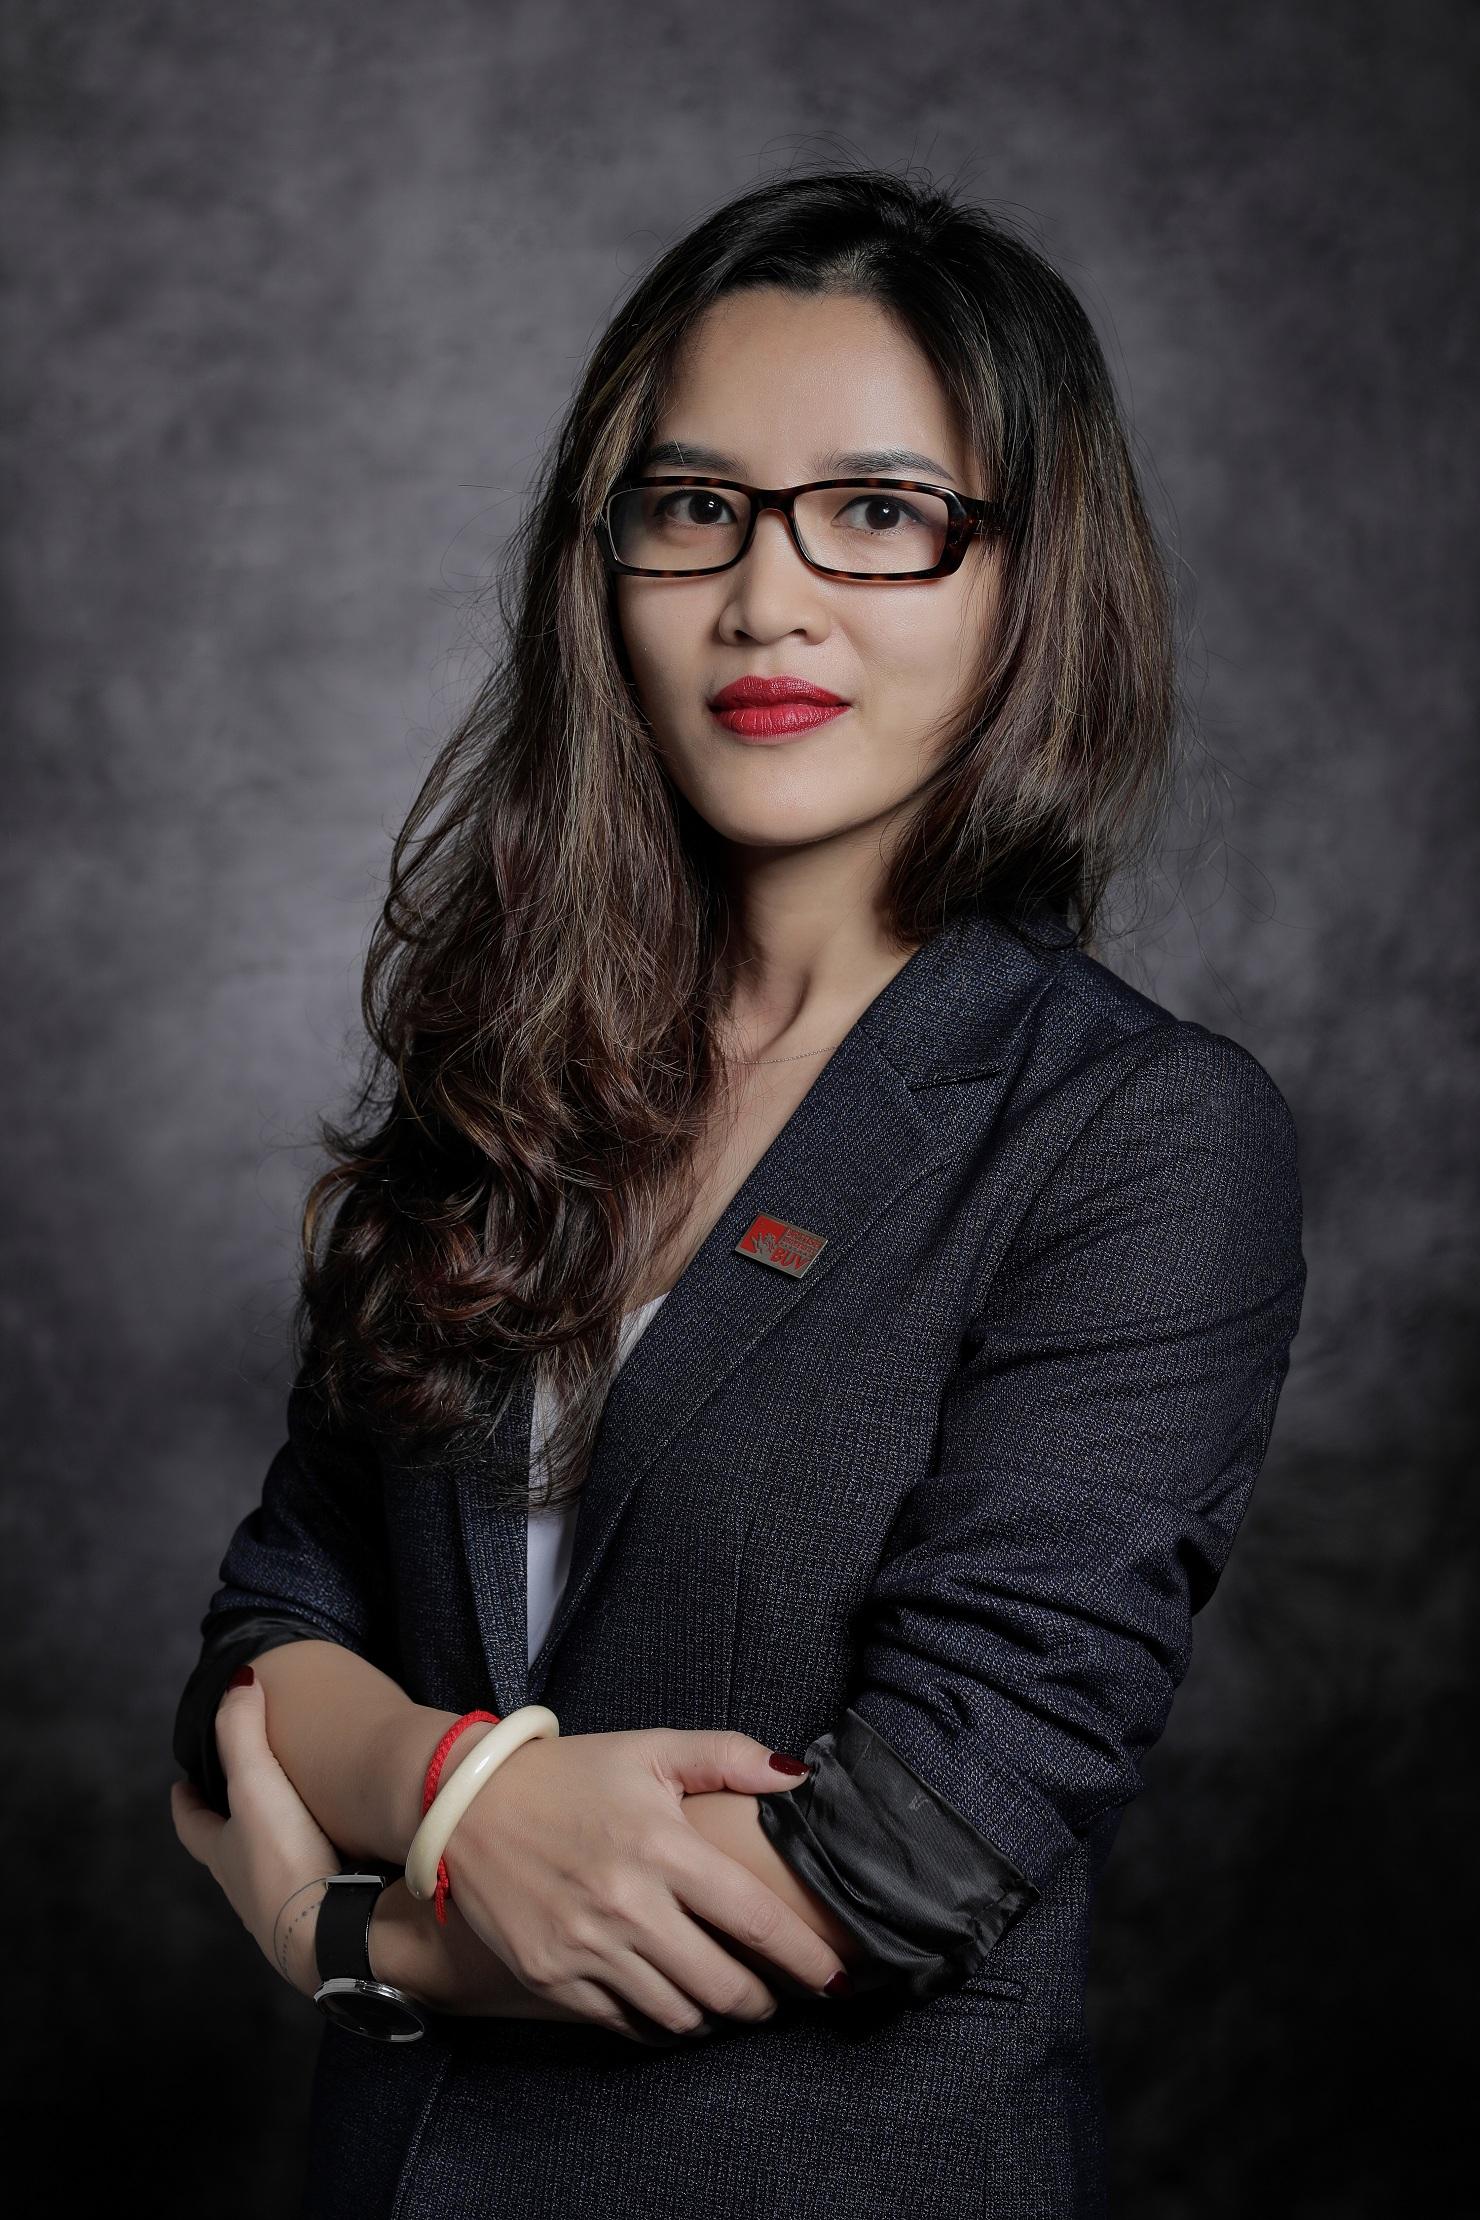 Chị Võ Hồng Hạnh - Giám đốc Tuyển sinh và Hợp tác BUV.